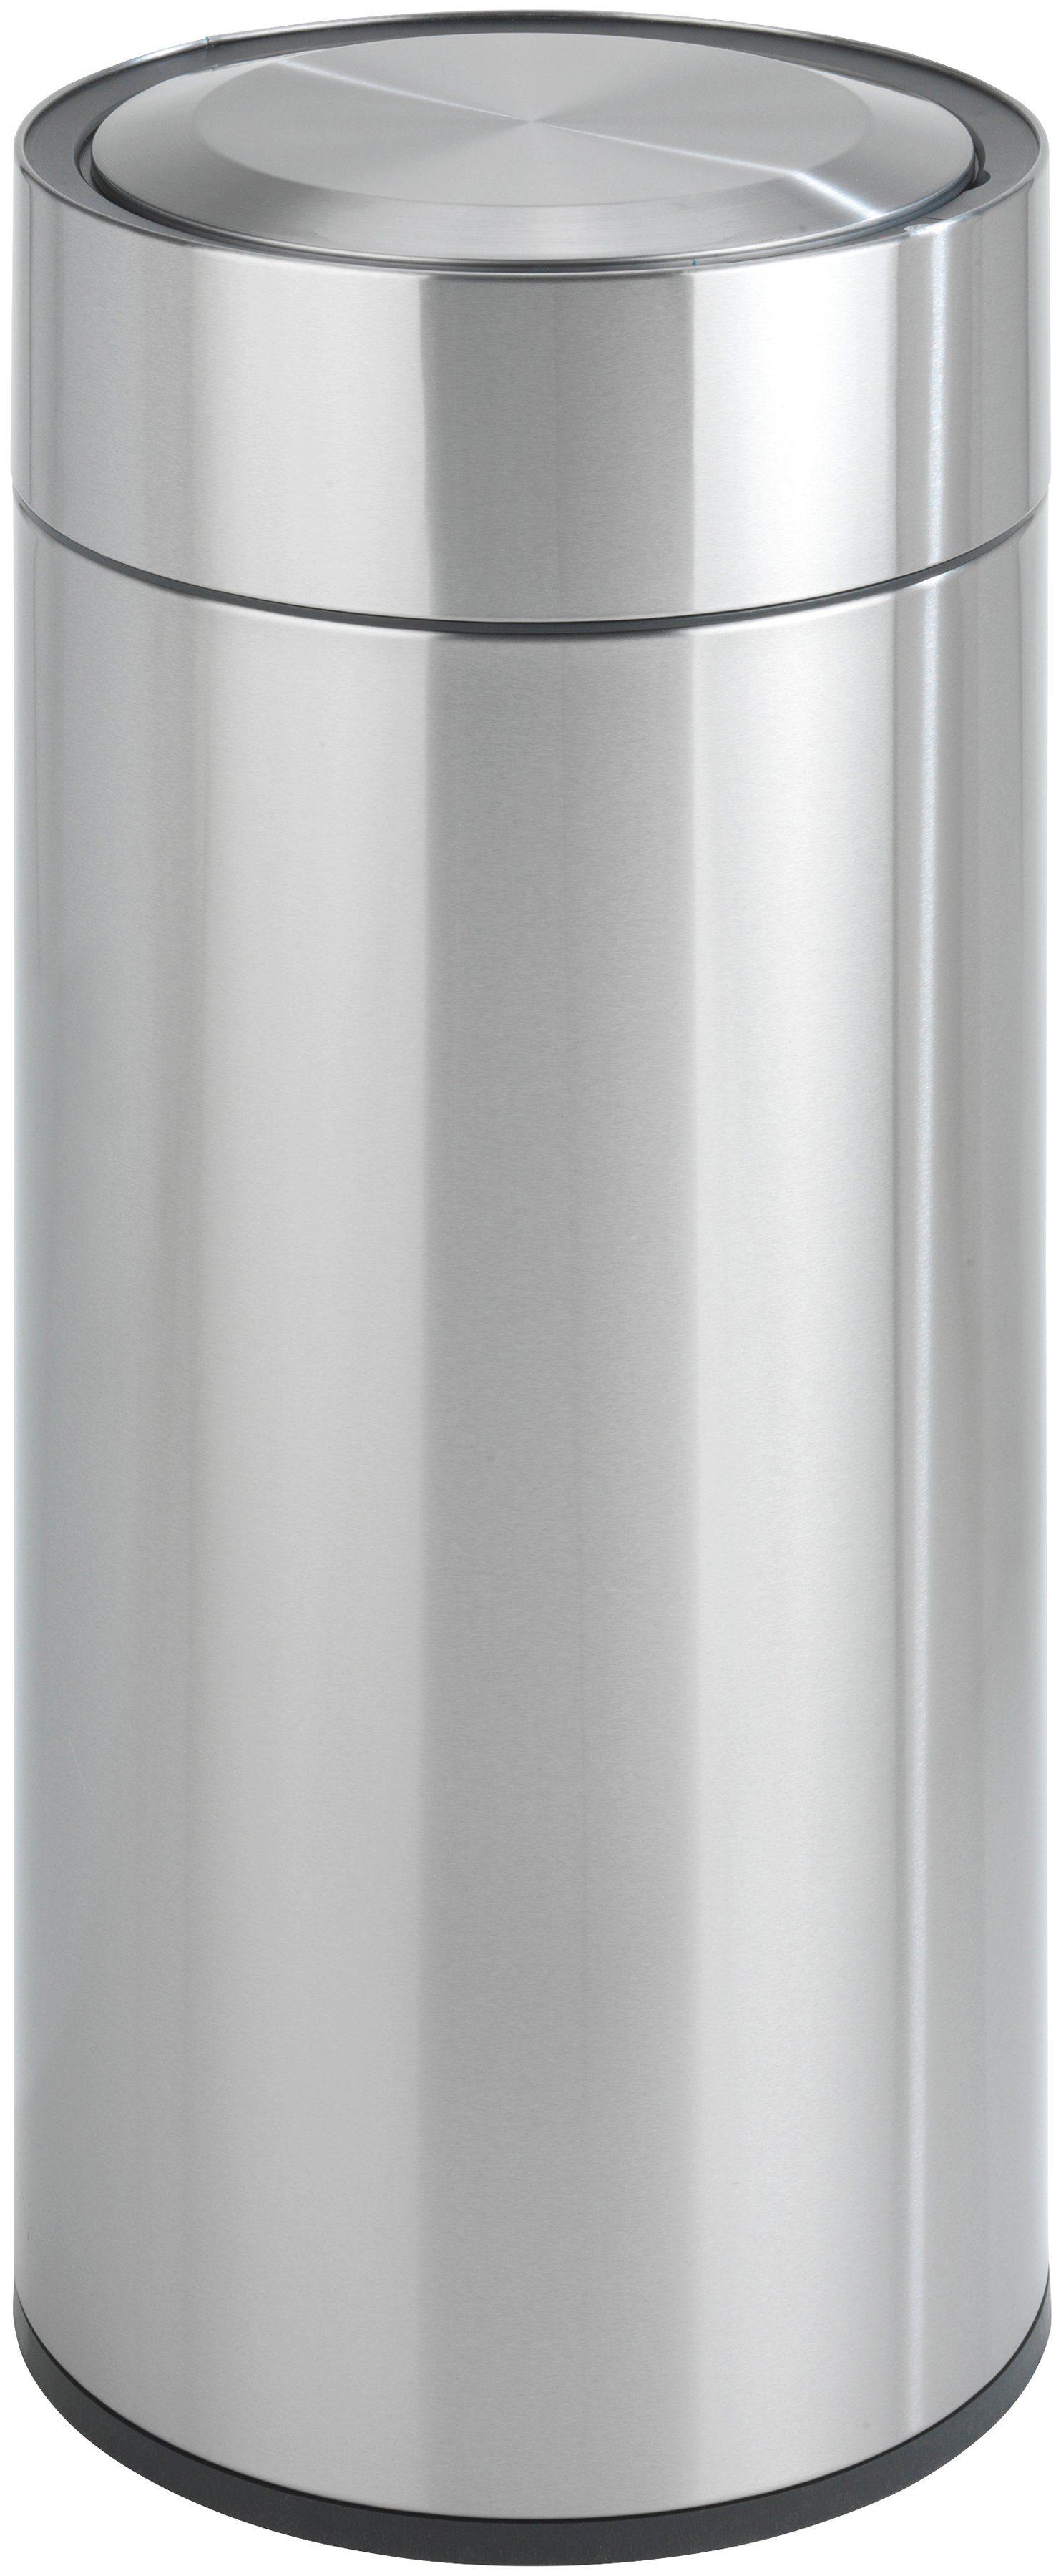 WENKO Abfalleimer mit Sensor »Edelstahl matt« 30 Liter